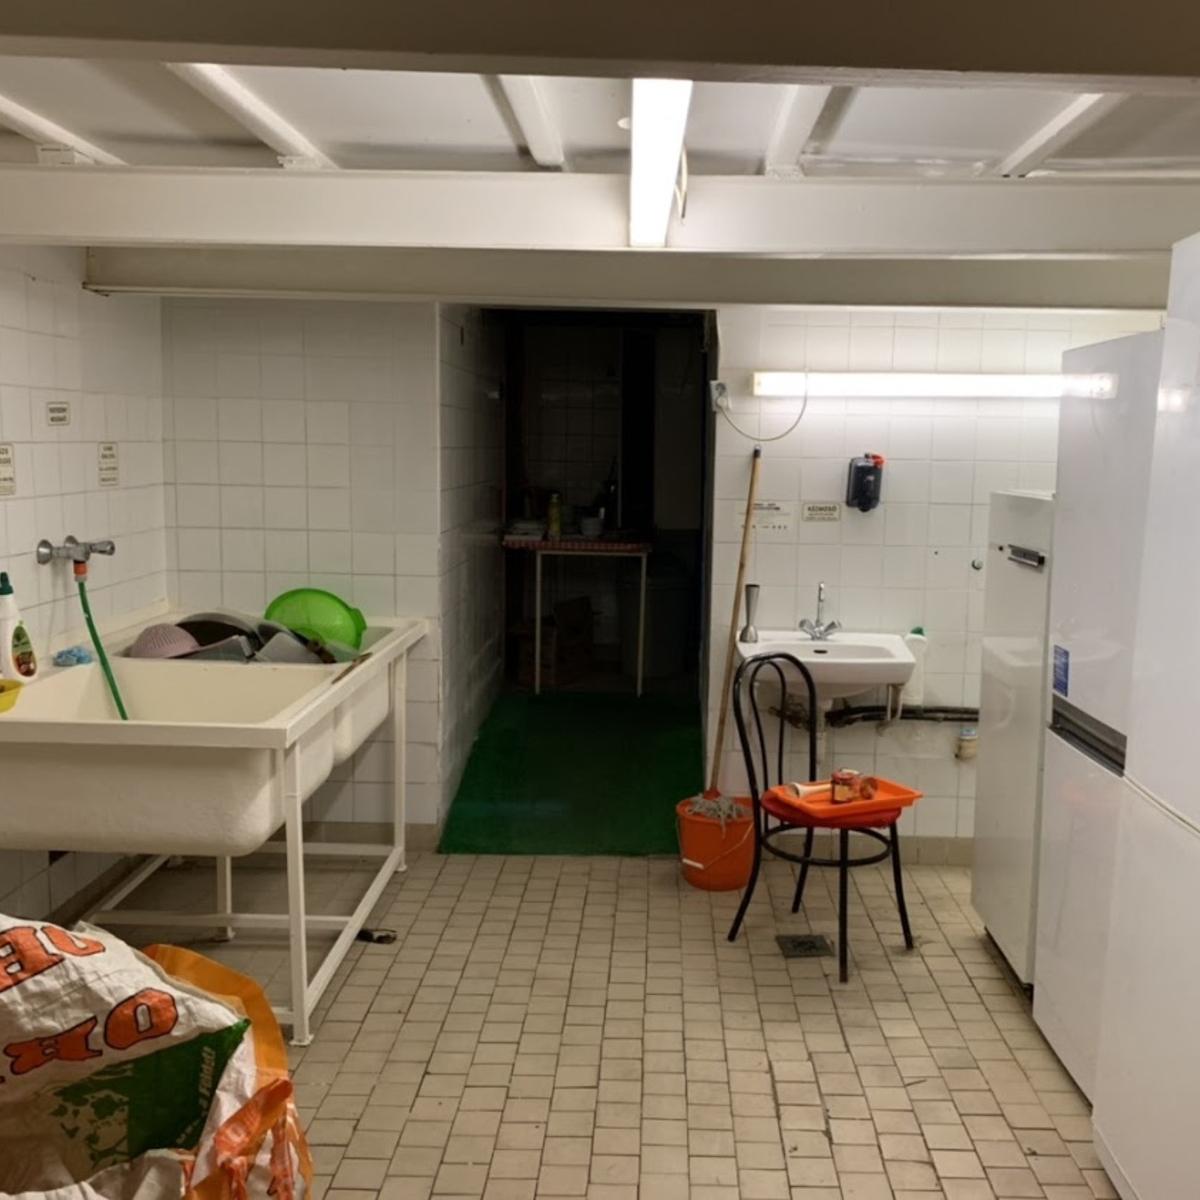 Kiadó  melegkonyhás vendéglátóegység (Budapest, VII. kerület) 250 E  Ft/hó